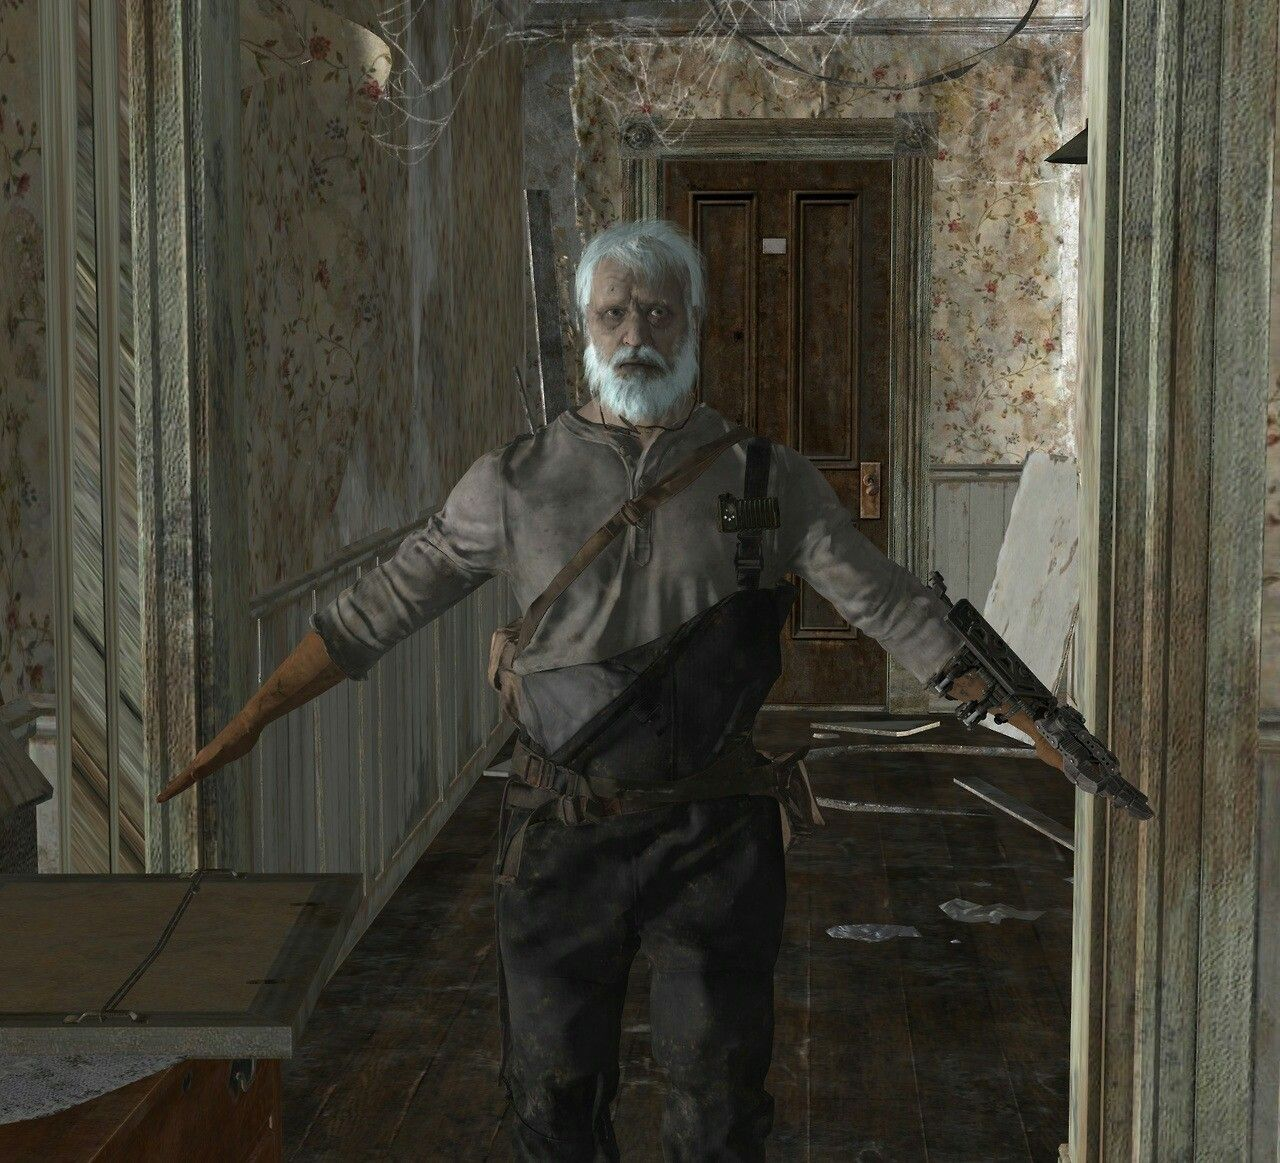 Pin by Steven Thompson on Resident Evil Resident evil